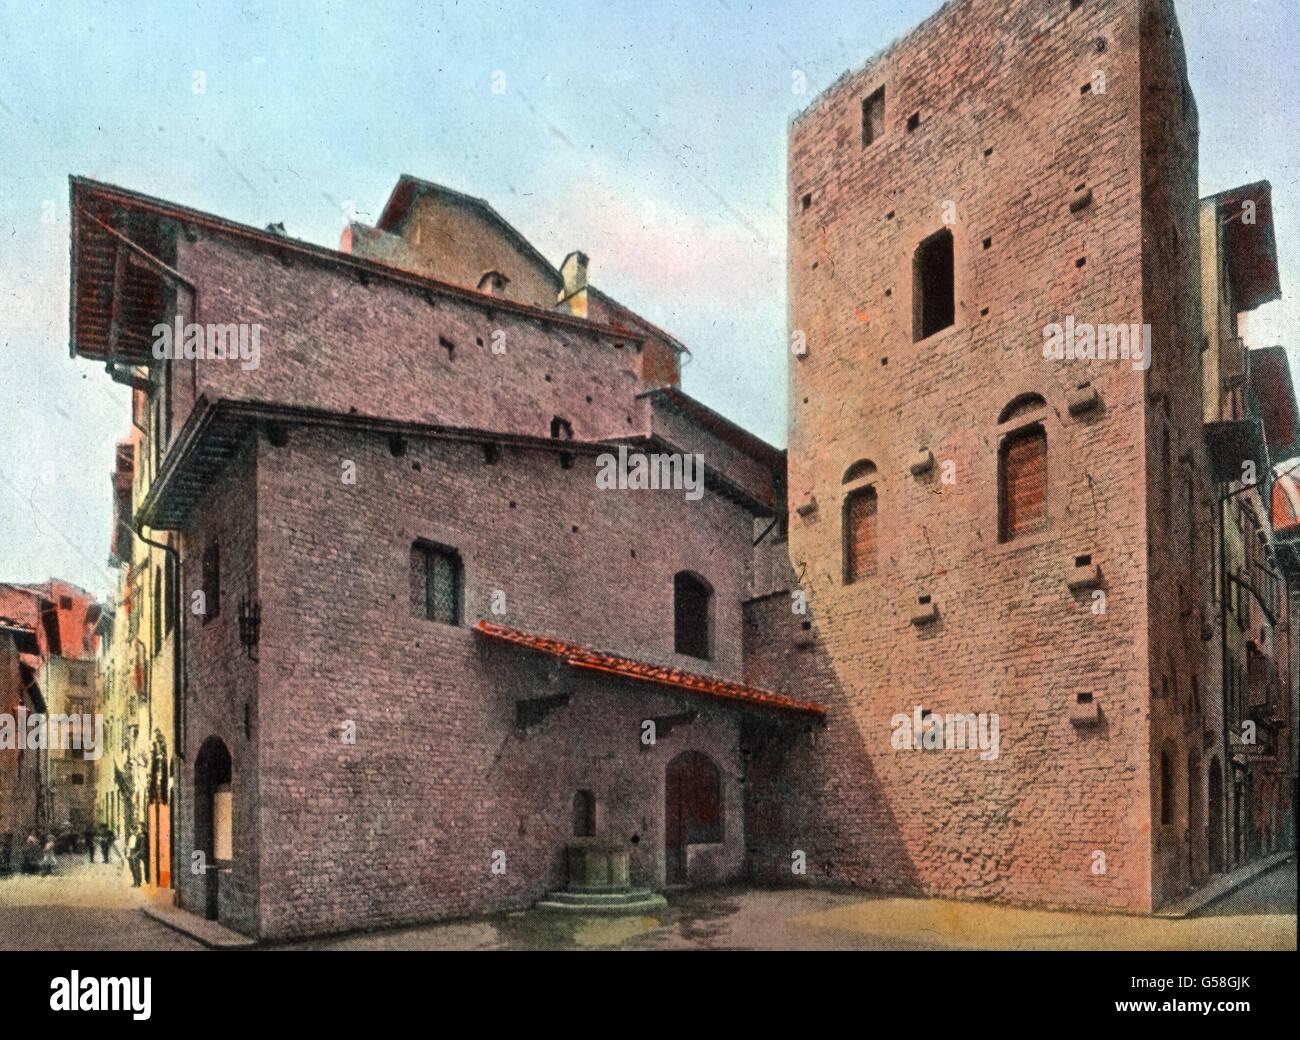 Heute aber weiß man, dass Dantes Familienhaus un dieser Stelle gelegen hat und man hat sich bemüht, es Immagini Stock